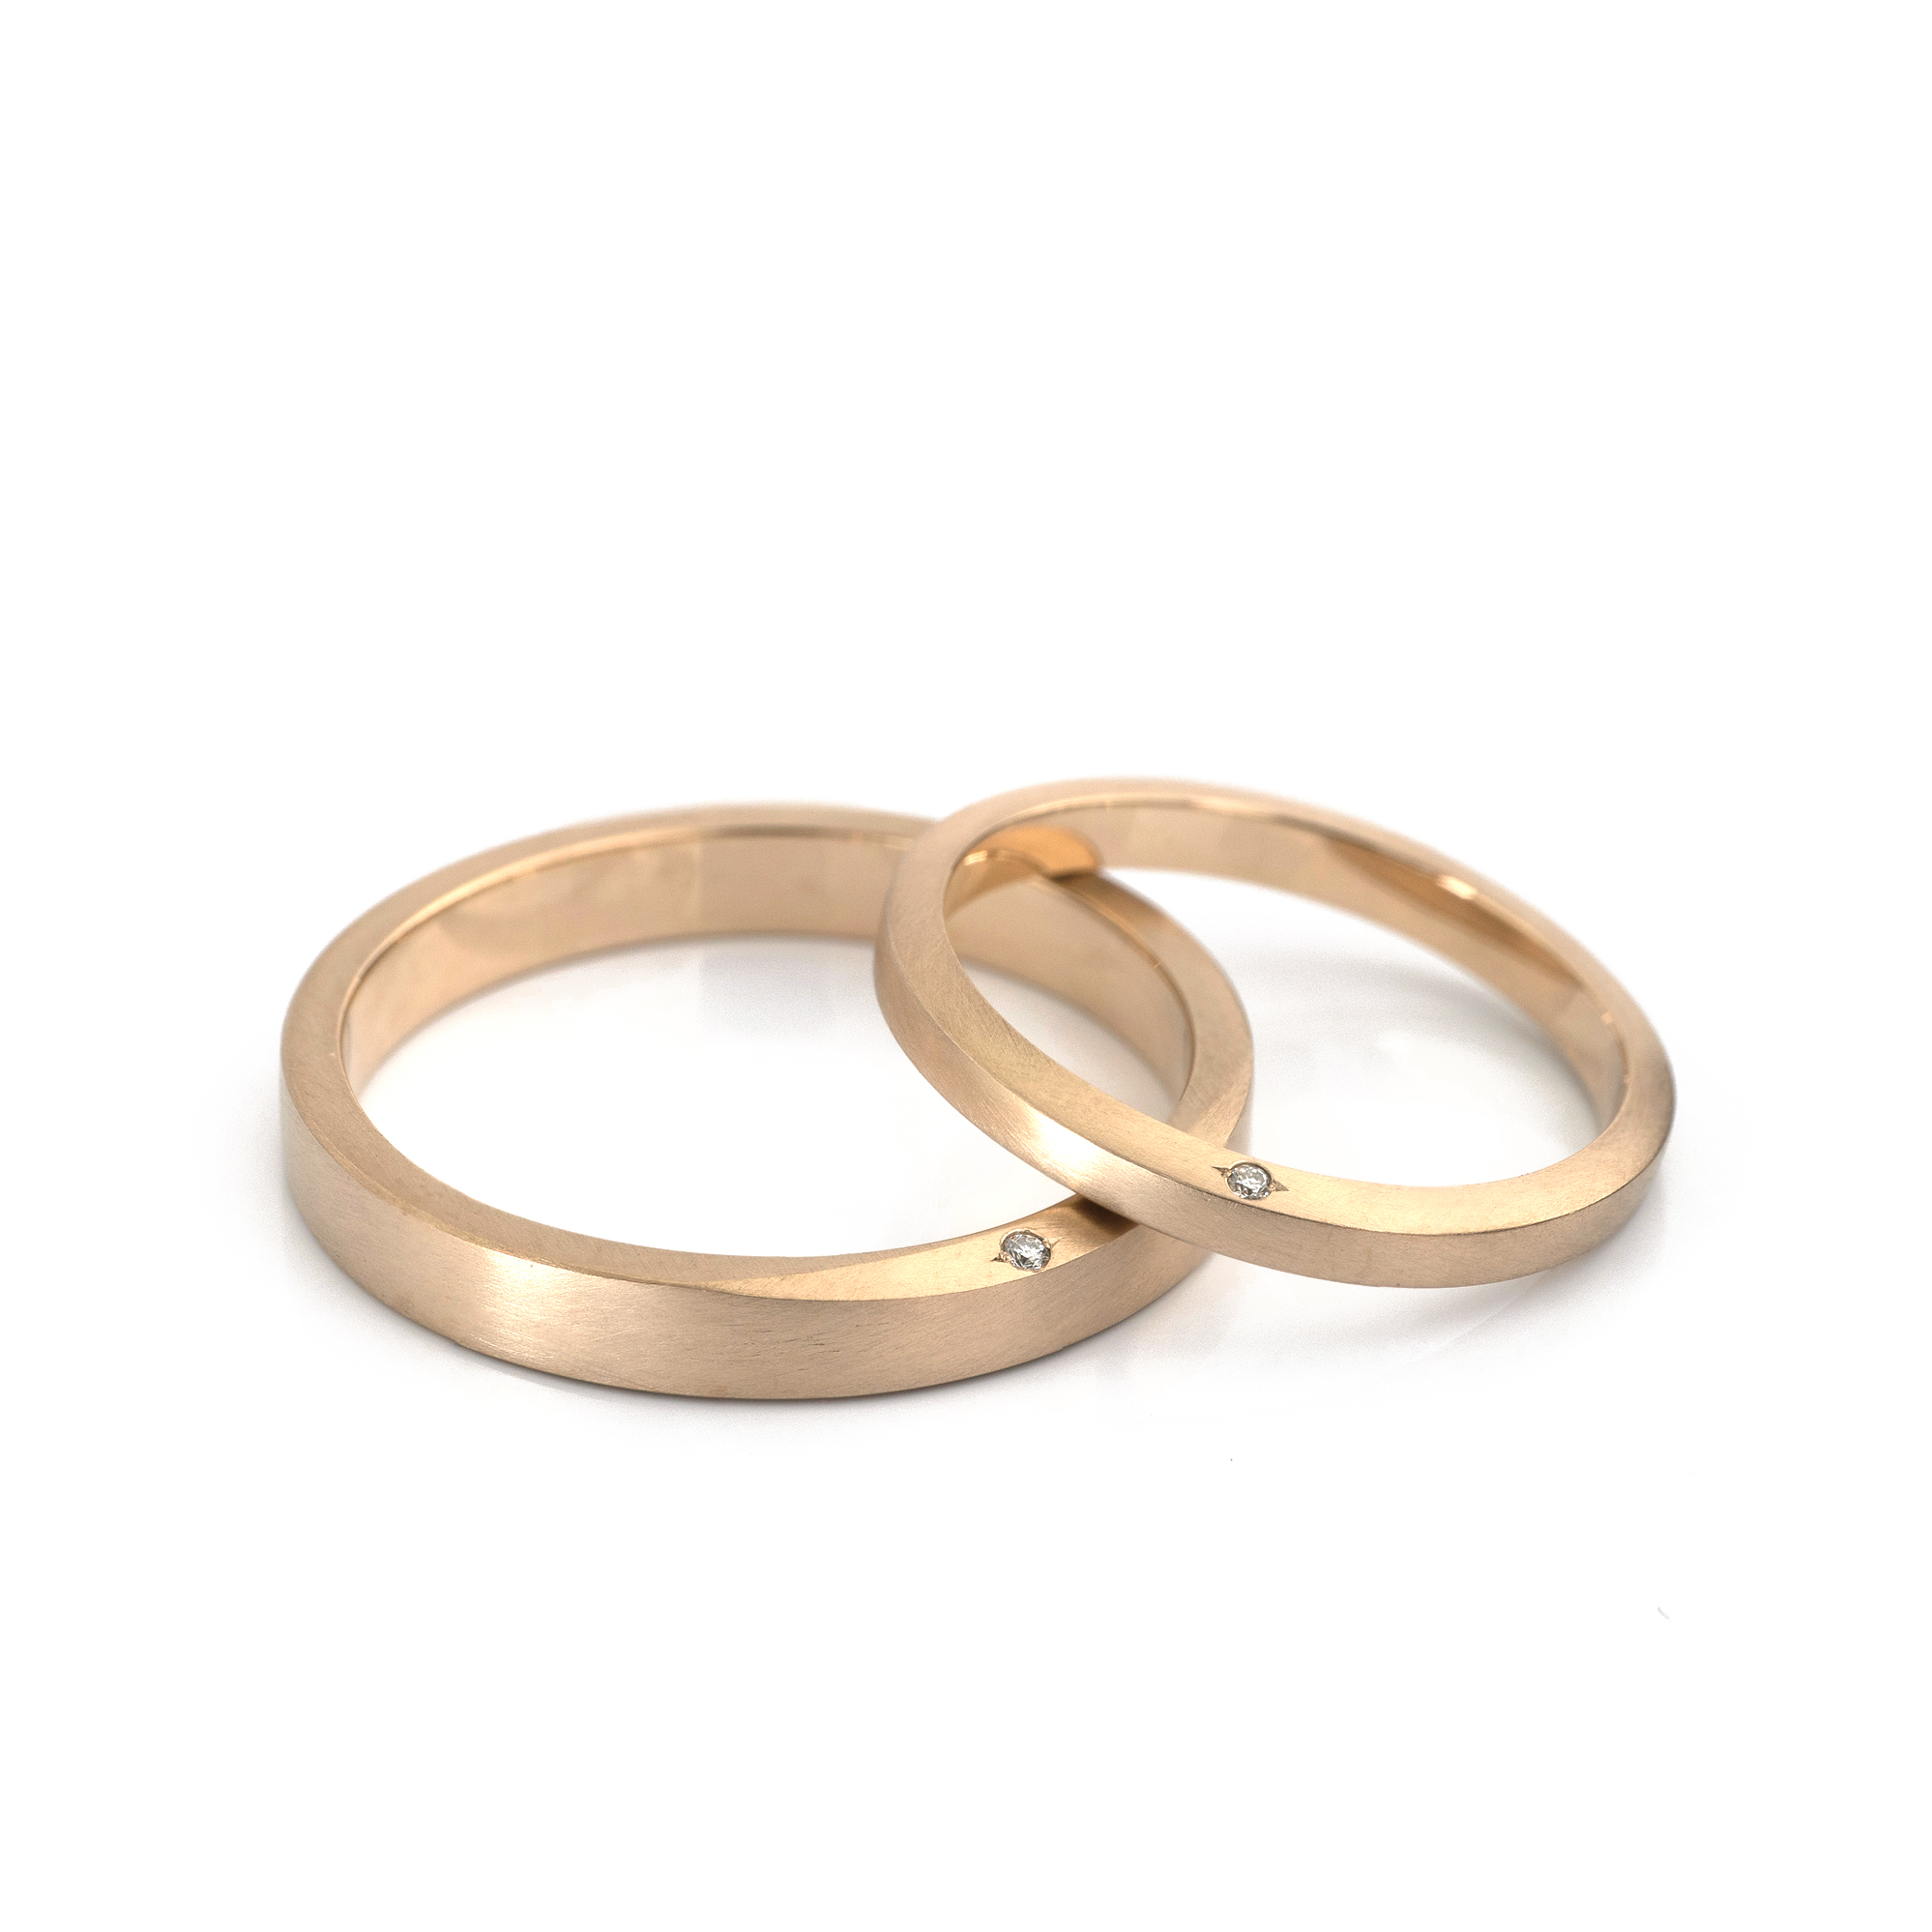 オーダーメイドマリッジリング 白バック ゴールド、ダイヤモンド 屋久島でつくる結婚指輪